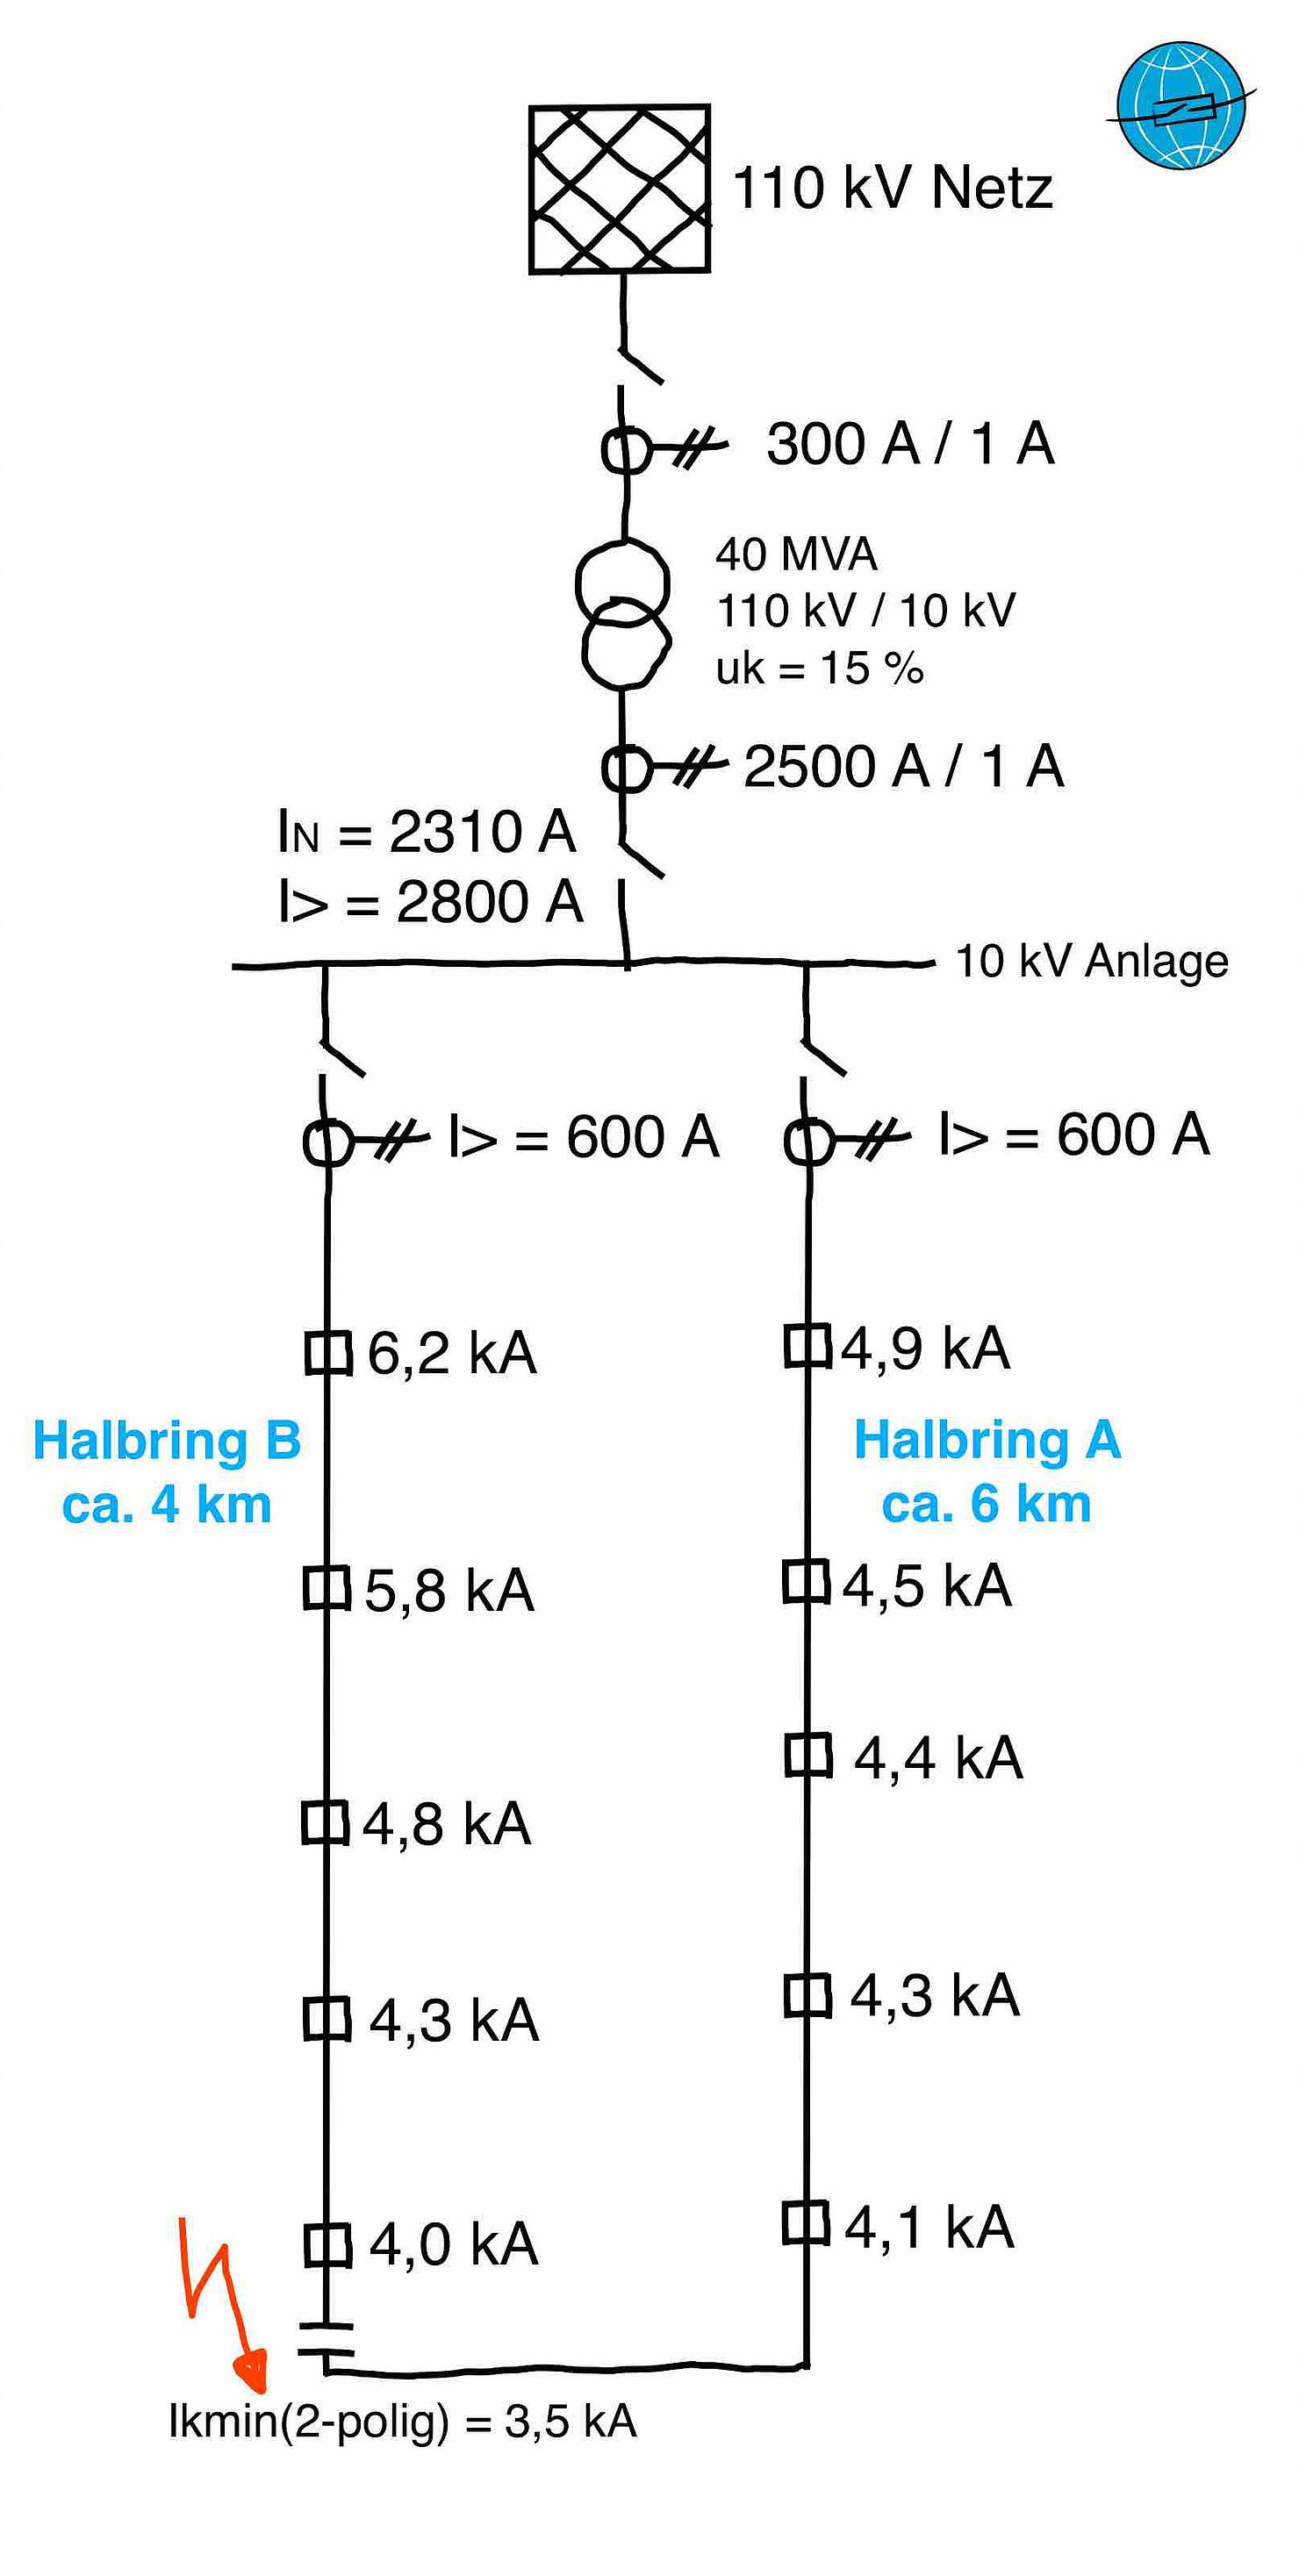 Ringnetz Topologie mit Kurzschluss